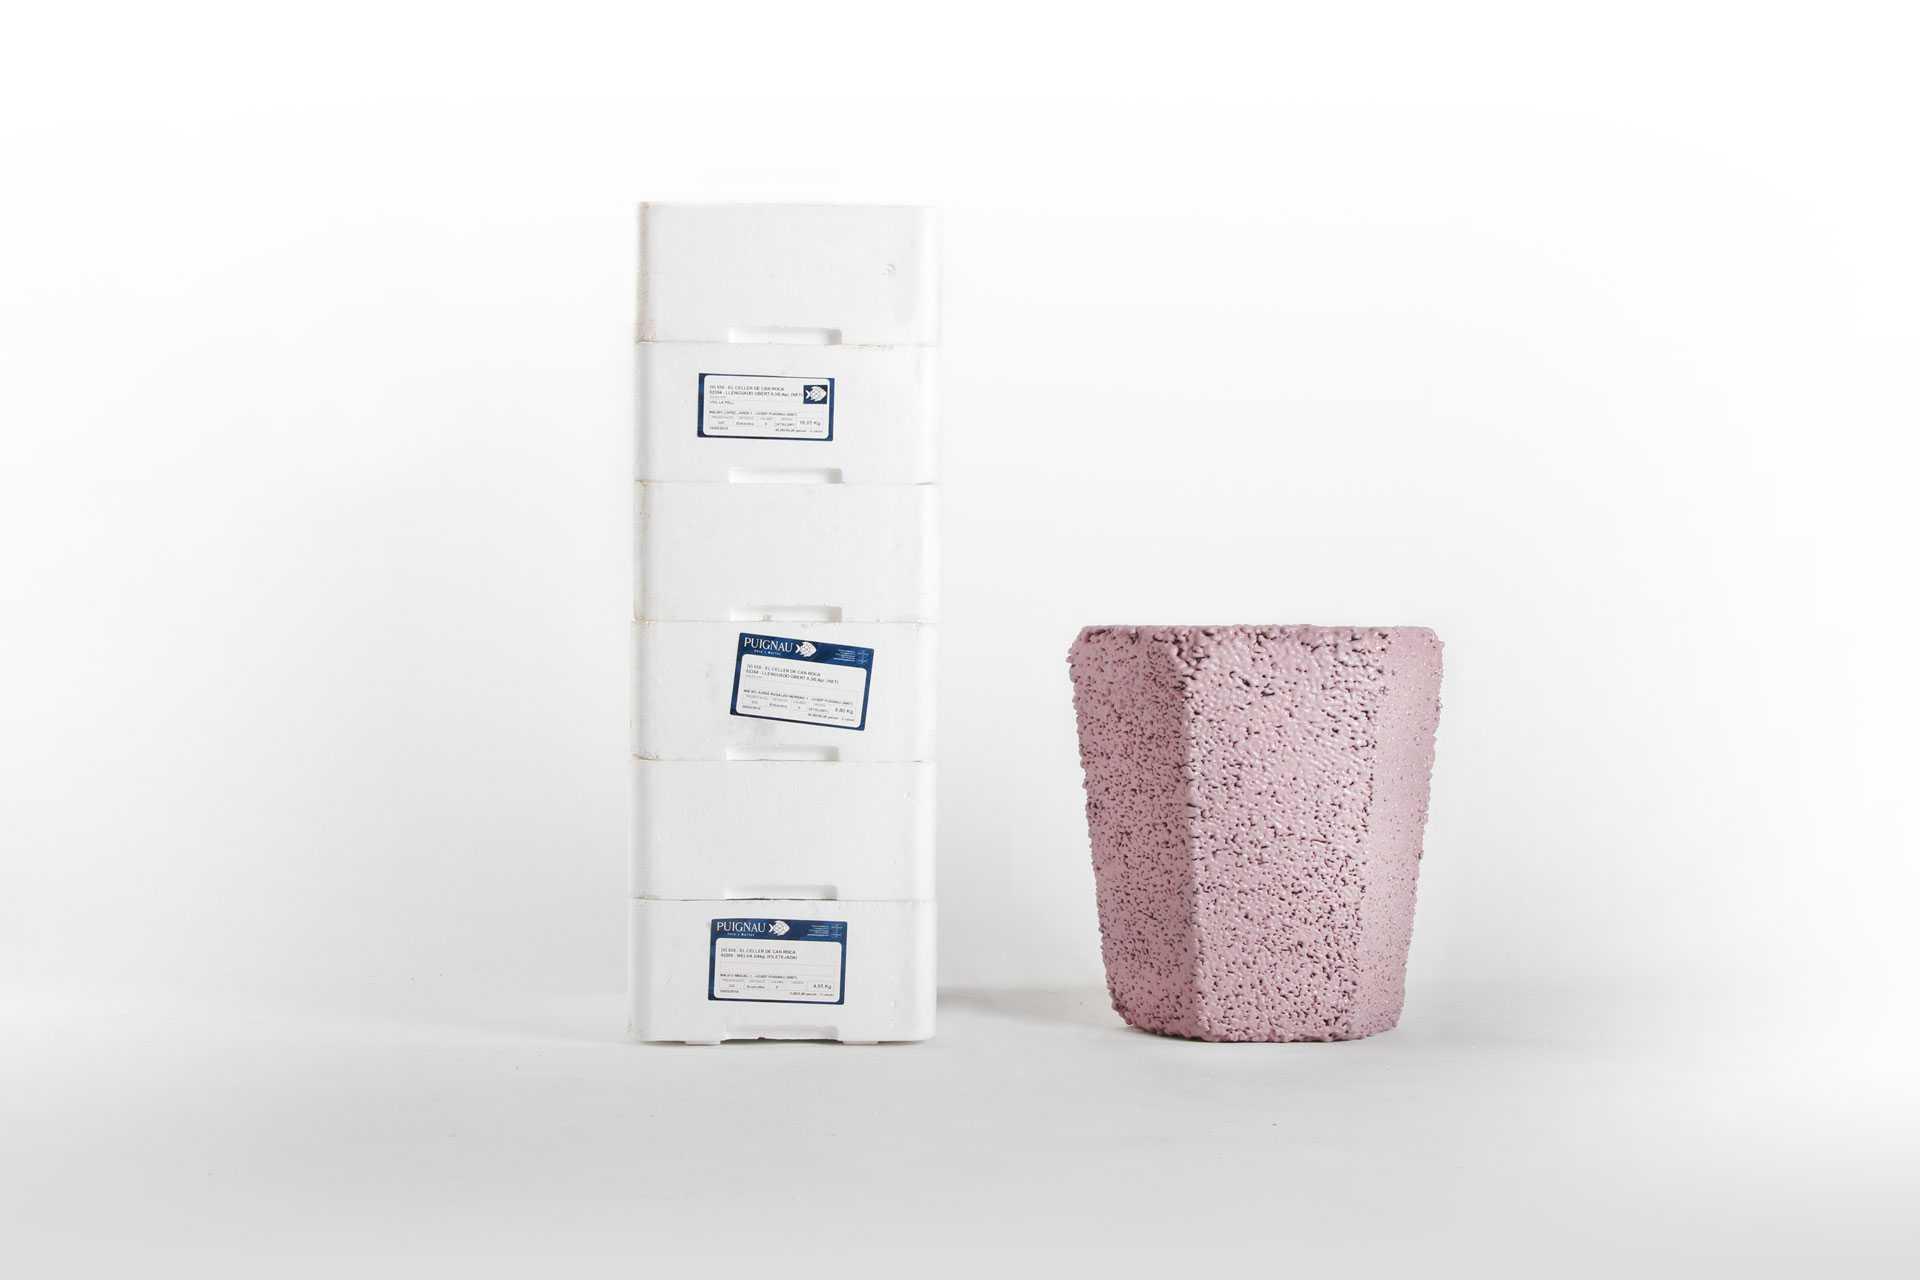 RR201 / Roca Recicla  - 20 07 34